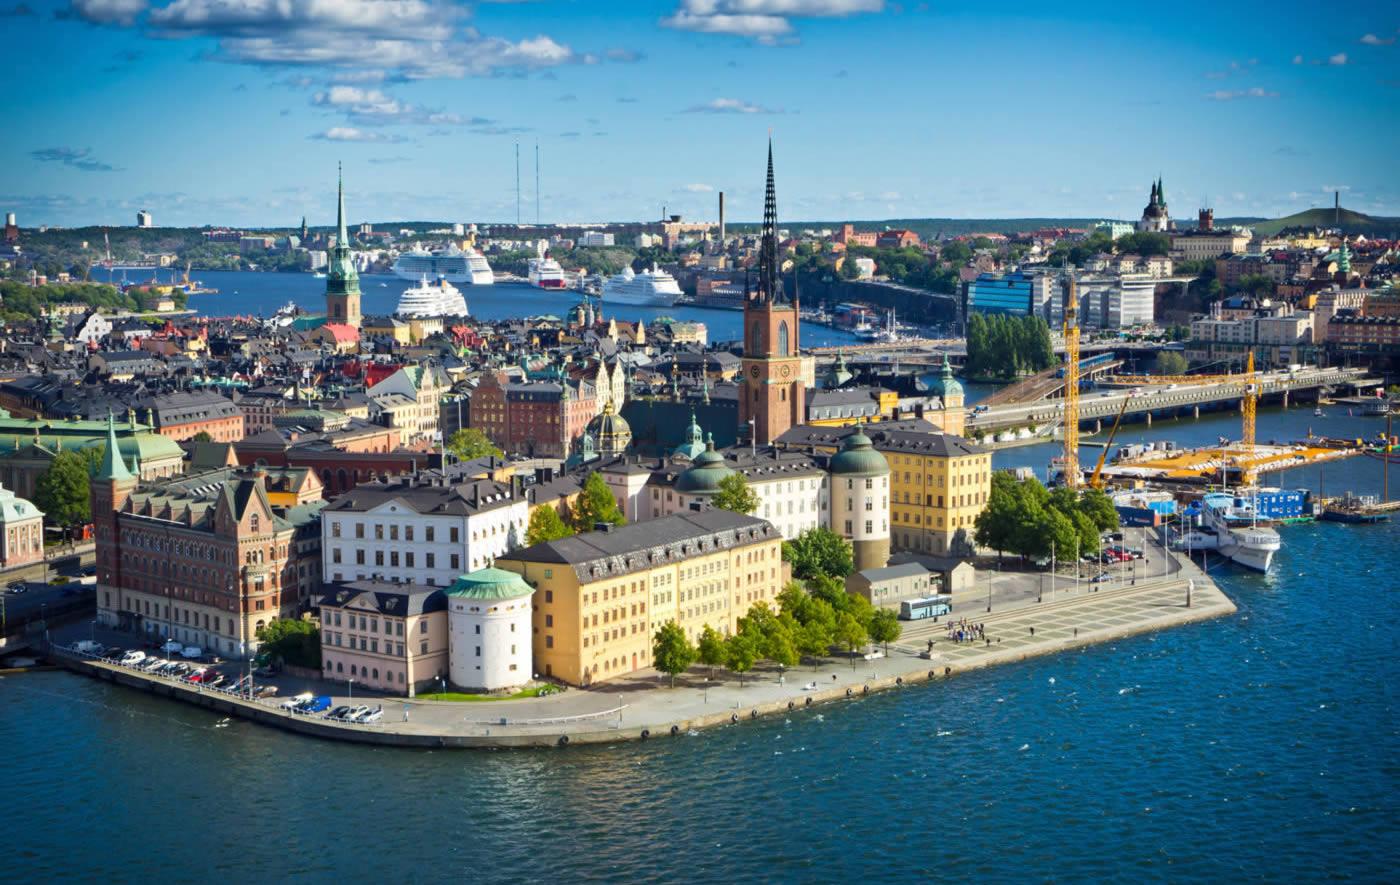 Super Reducere City Break Stockholm din Bucuresti 3 nopti Martie-Aprilie 2020 de la doar 349 Euro/persoana!